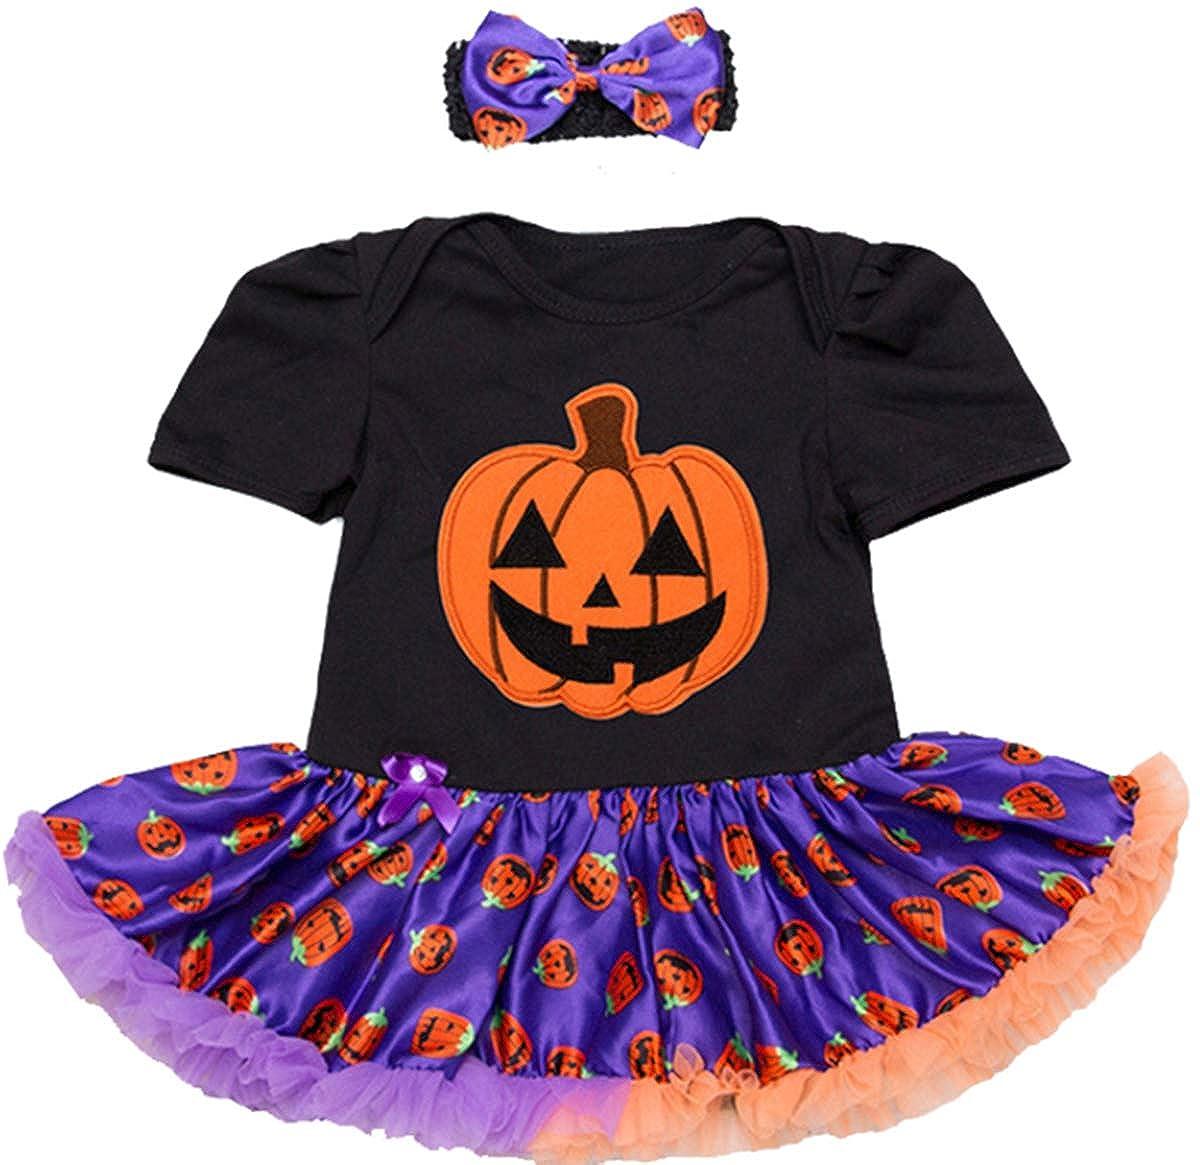 【おまけ付】 stylesilove SHIRT Months ベビーガールズ B0741G45MP Purple Pumpkin Skirt Purple Skirt L/6-12 Months, 木材 DIY 北零WOOD:28d60f74 --- svecha37.ru